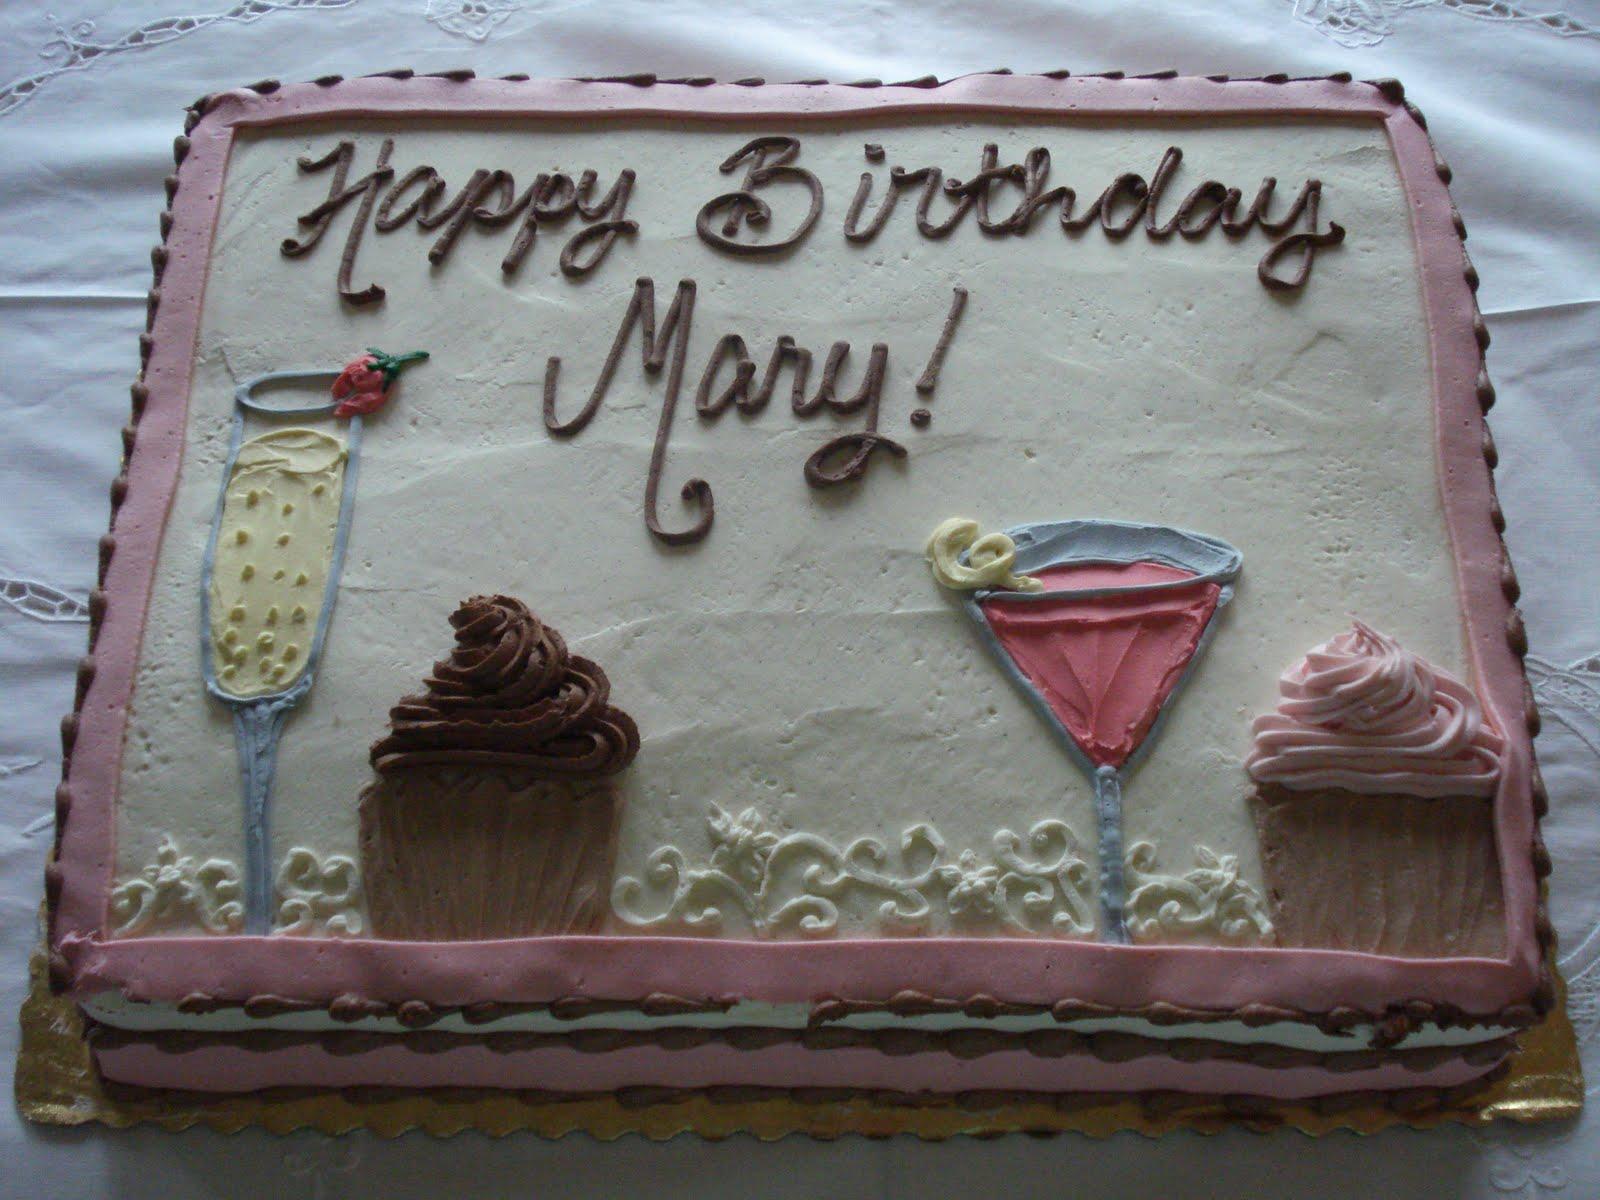 Happy Birthday Mary